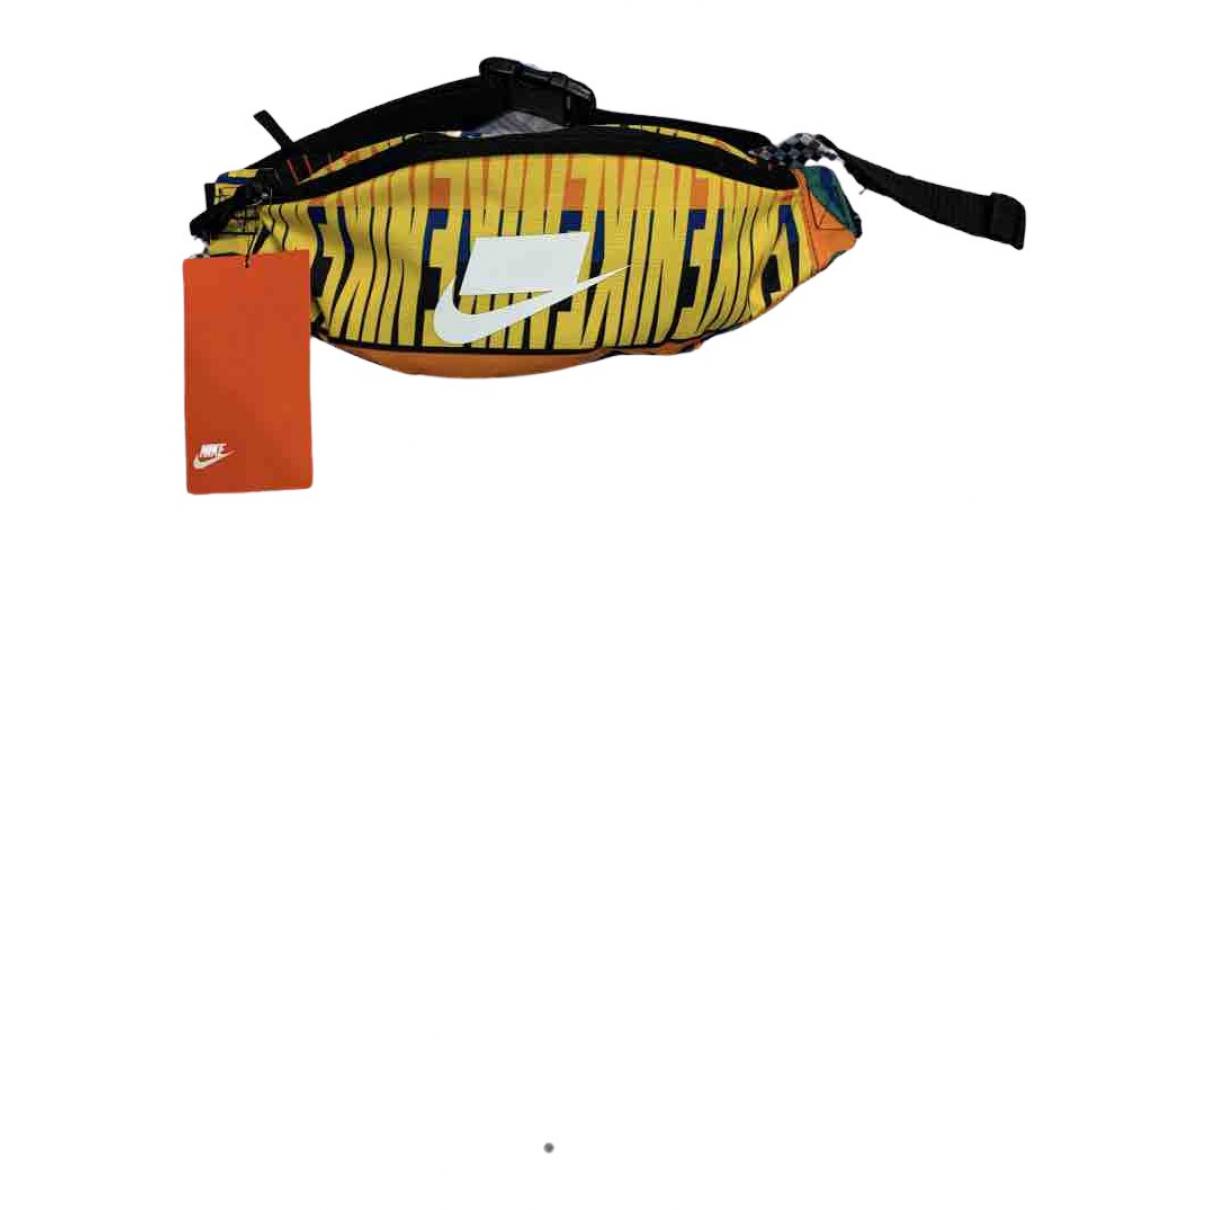 Nike - Petite maroquinerie   pour homme en toile